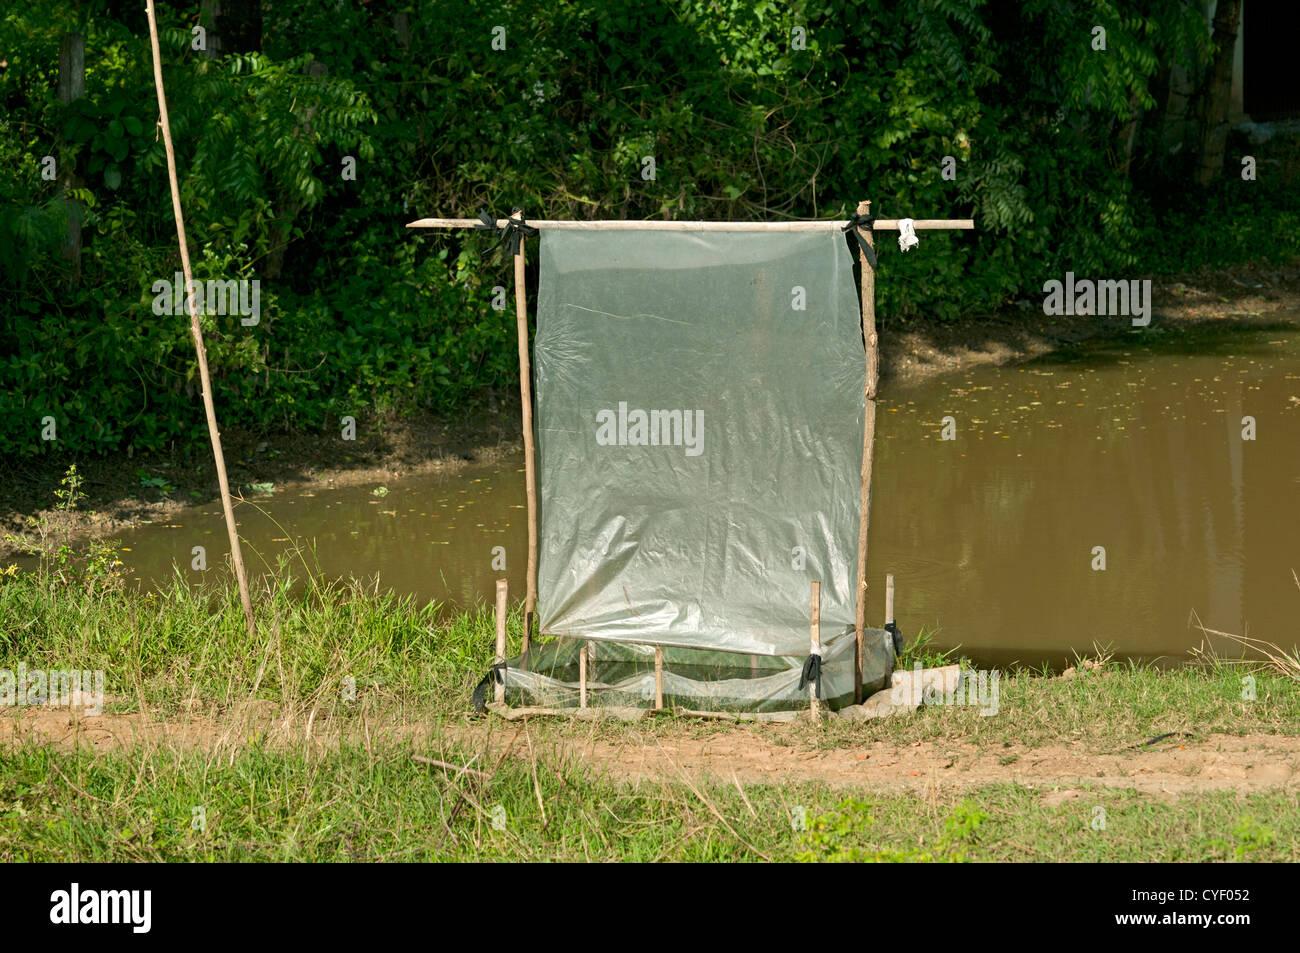 Lámina de plástico como night trap para los insectos, que se comen como un manjar, Battambang, Camboya Imagen De Stock